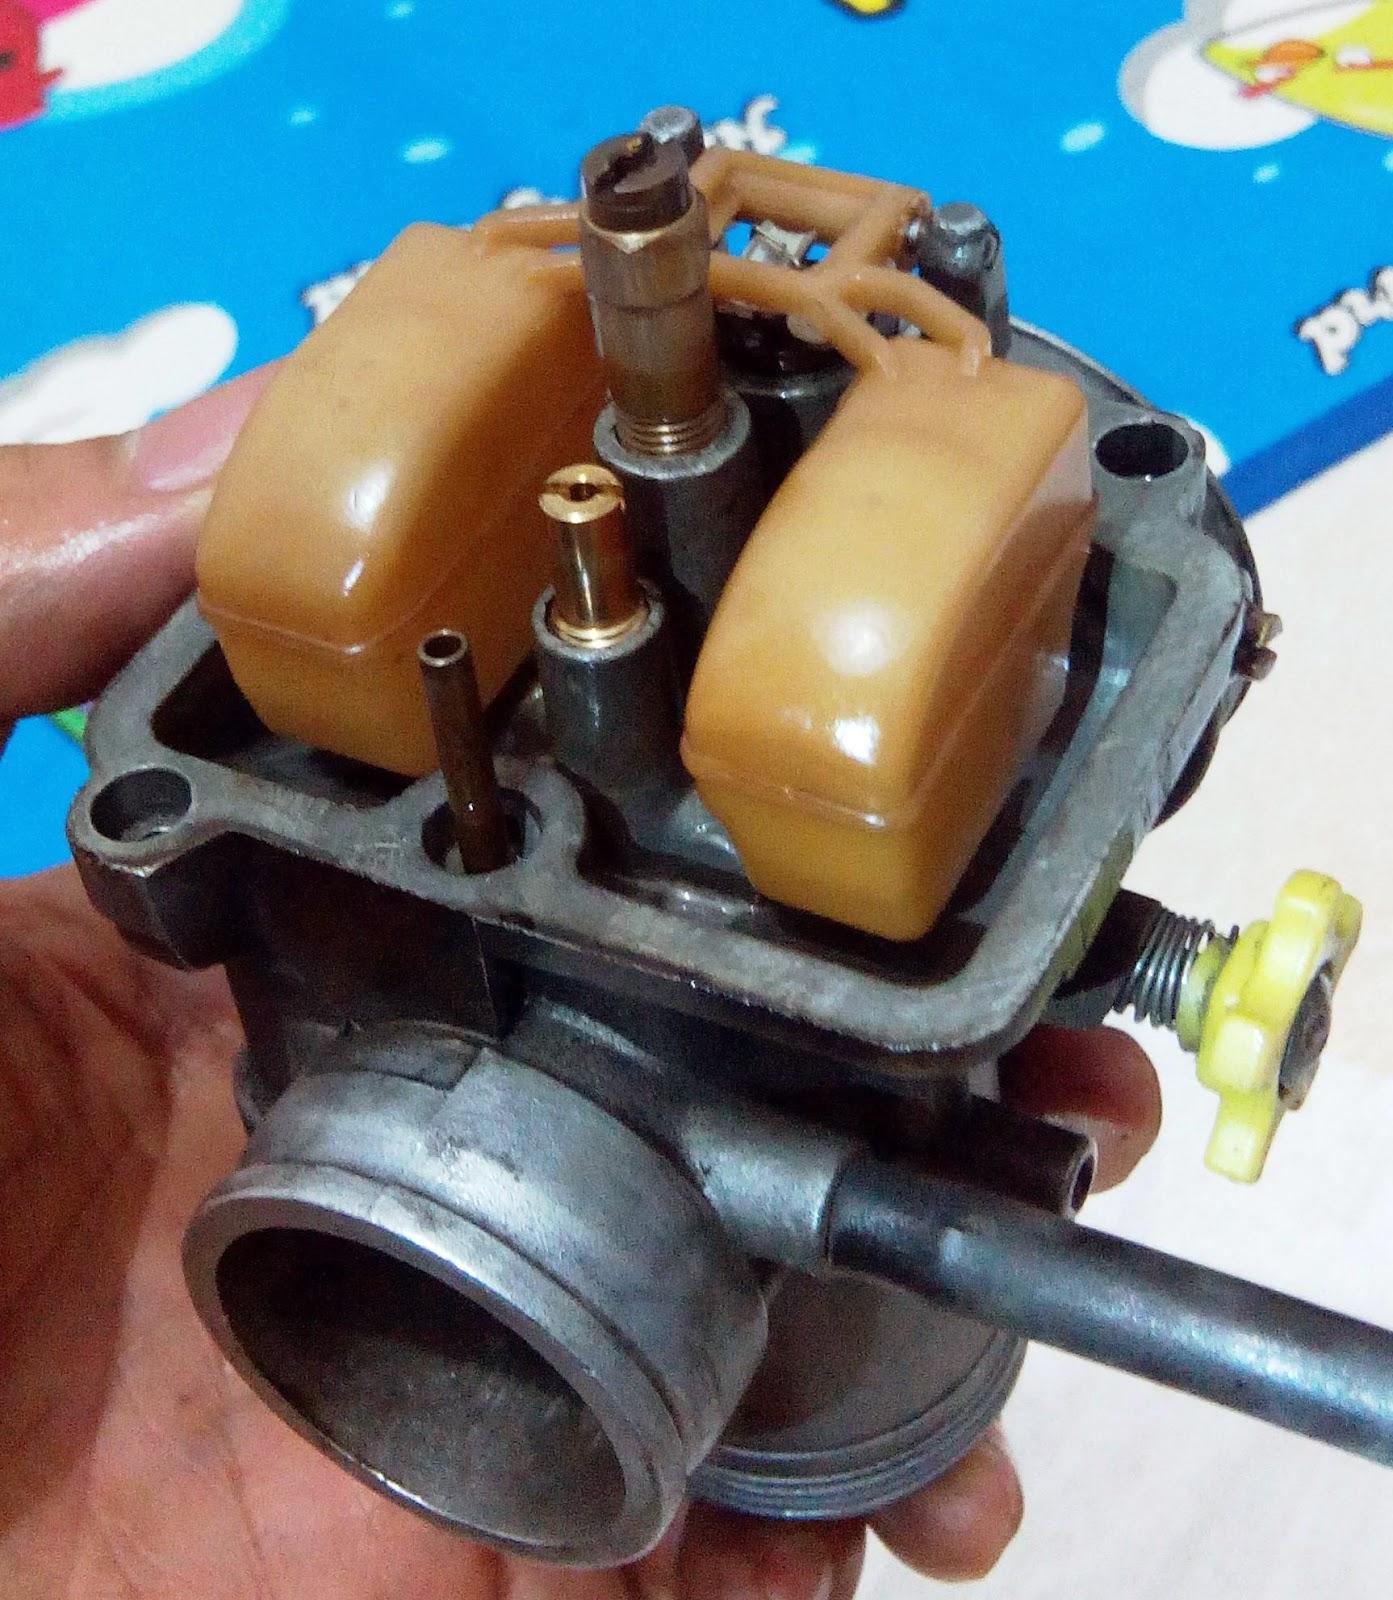 Karburator Pe 28 Sebagai Piranti Racing Awal More Than A Winner Karbu 24 26 Kehin Pelampung